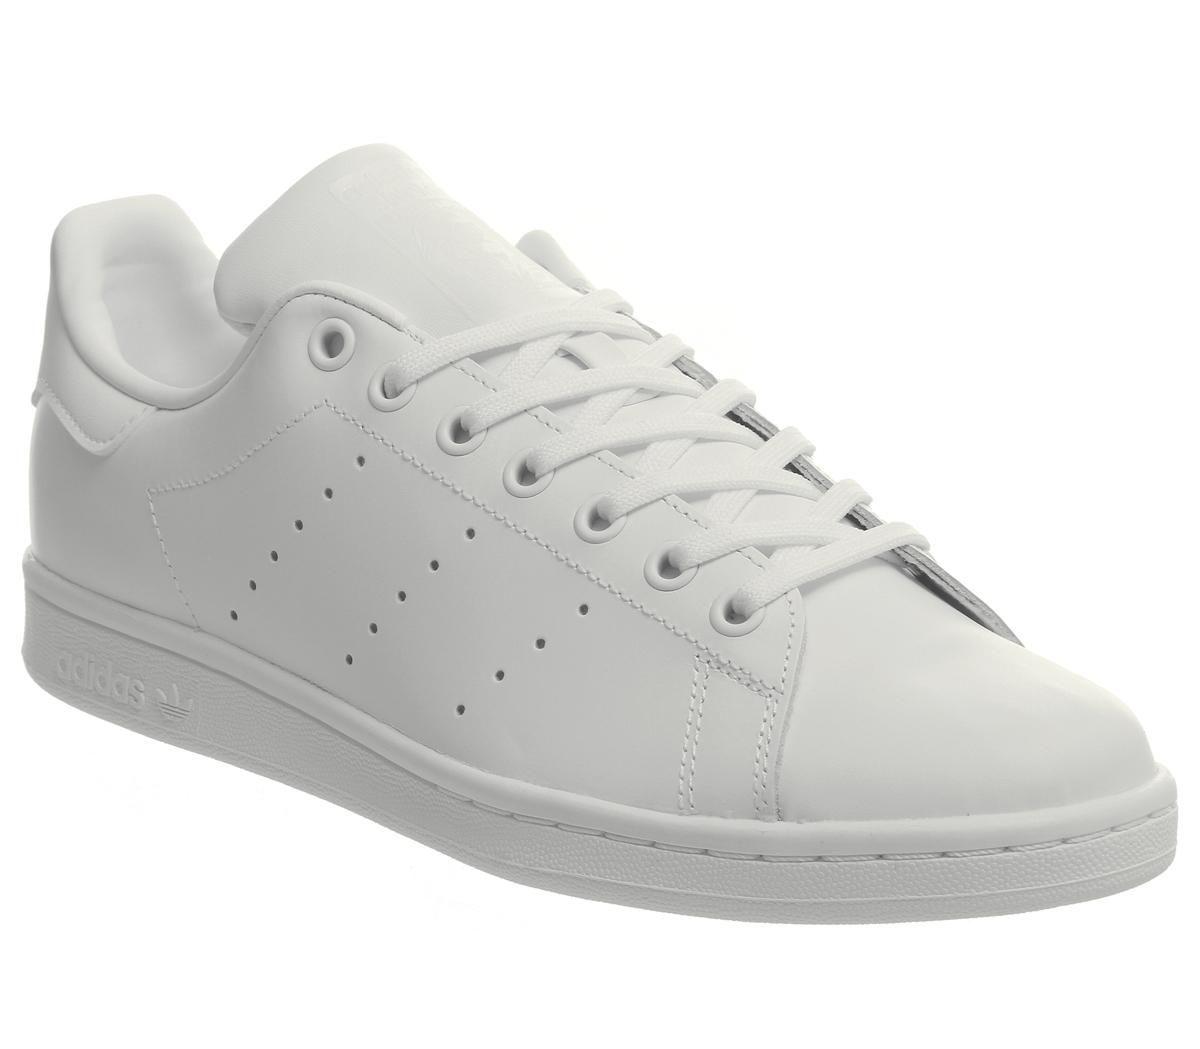 Détails sur Femmes adidas Stan Smith Flash Baskets Blanc Mono Baskets